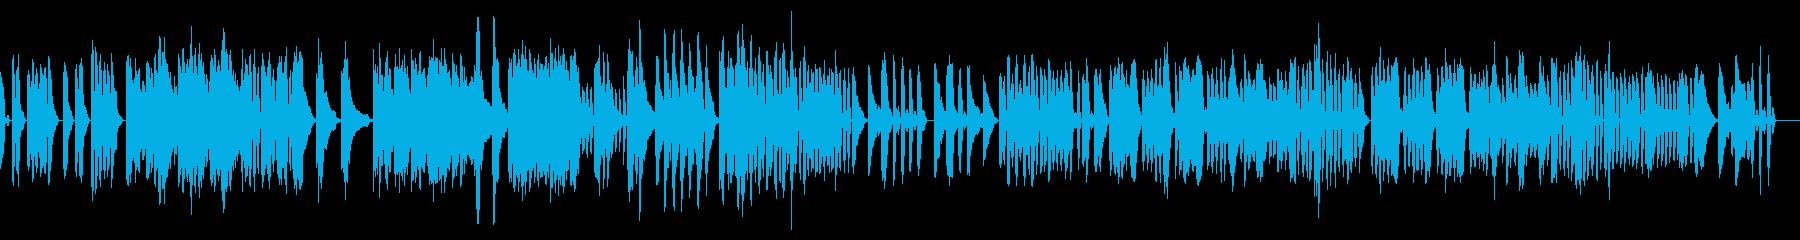 アイネクライネ軽快なシンセ ショートtrの再生済みの波形